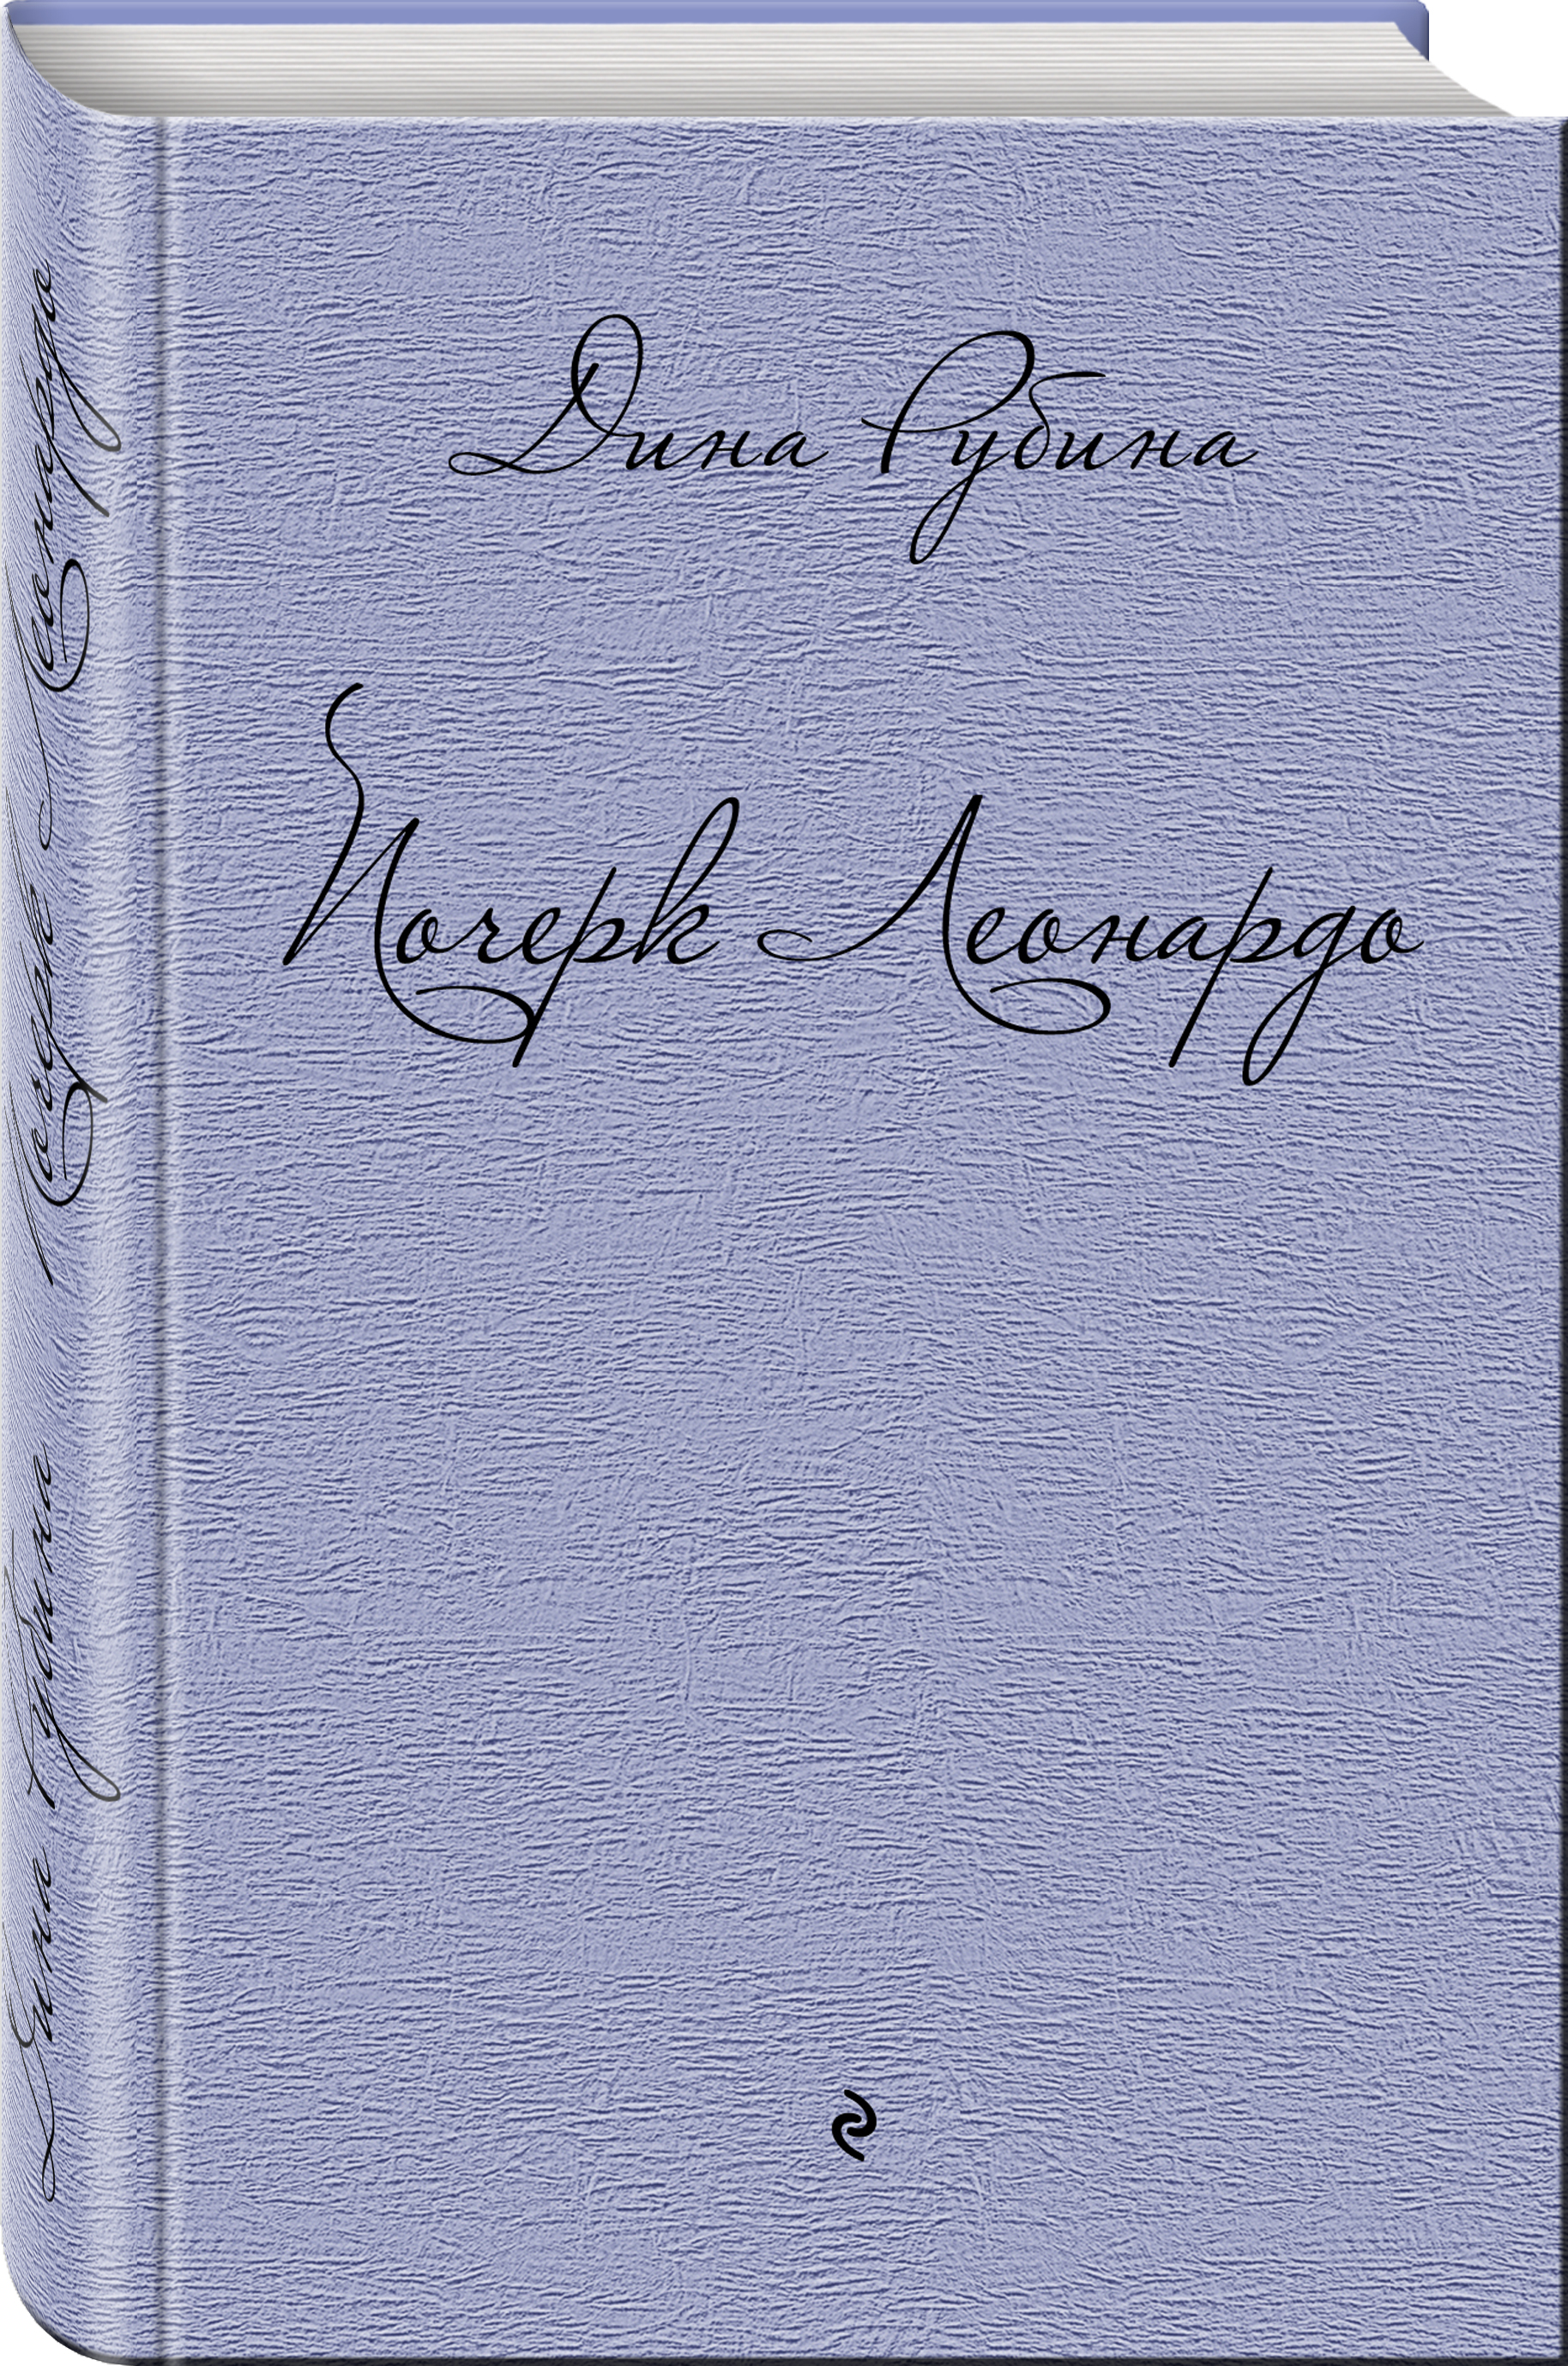 Рубина Д. Почерк Леонардо рубина д рубина 17 рассказов